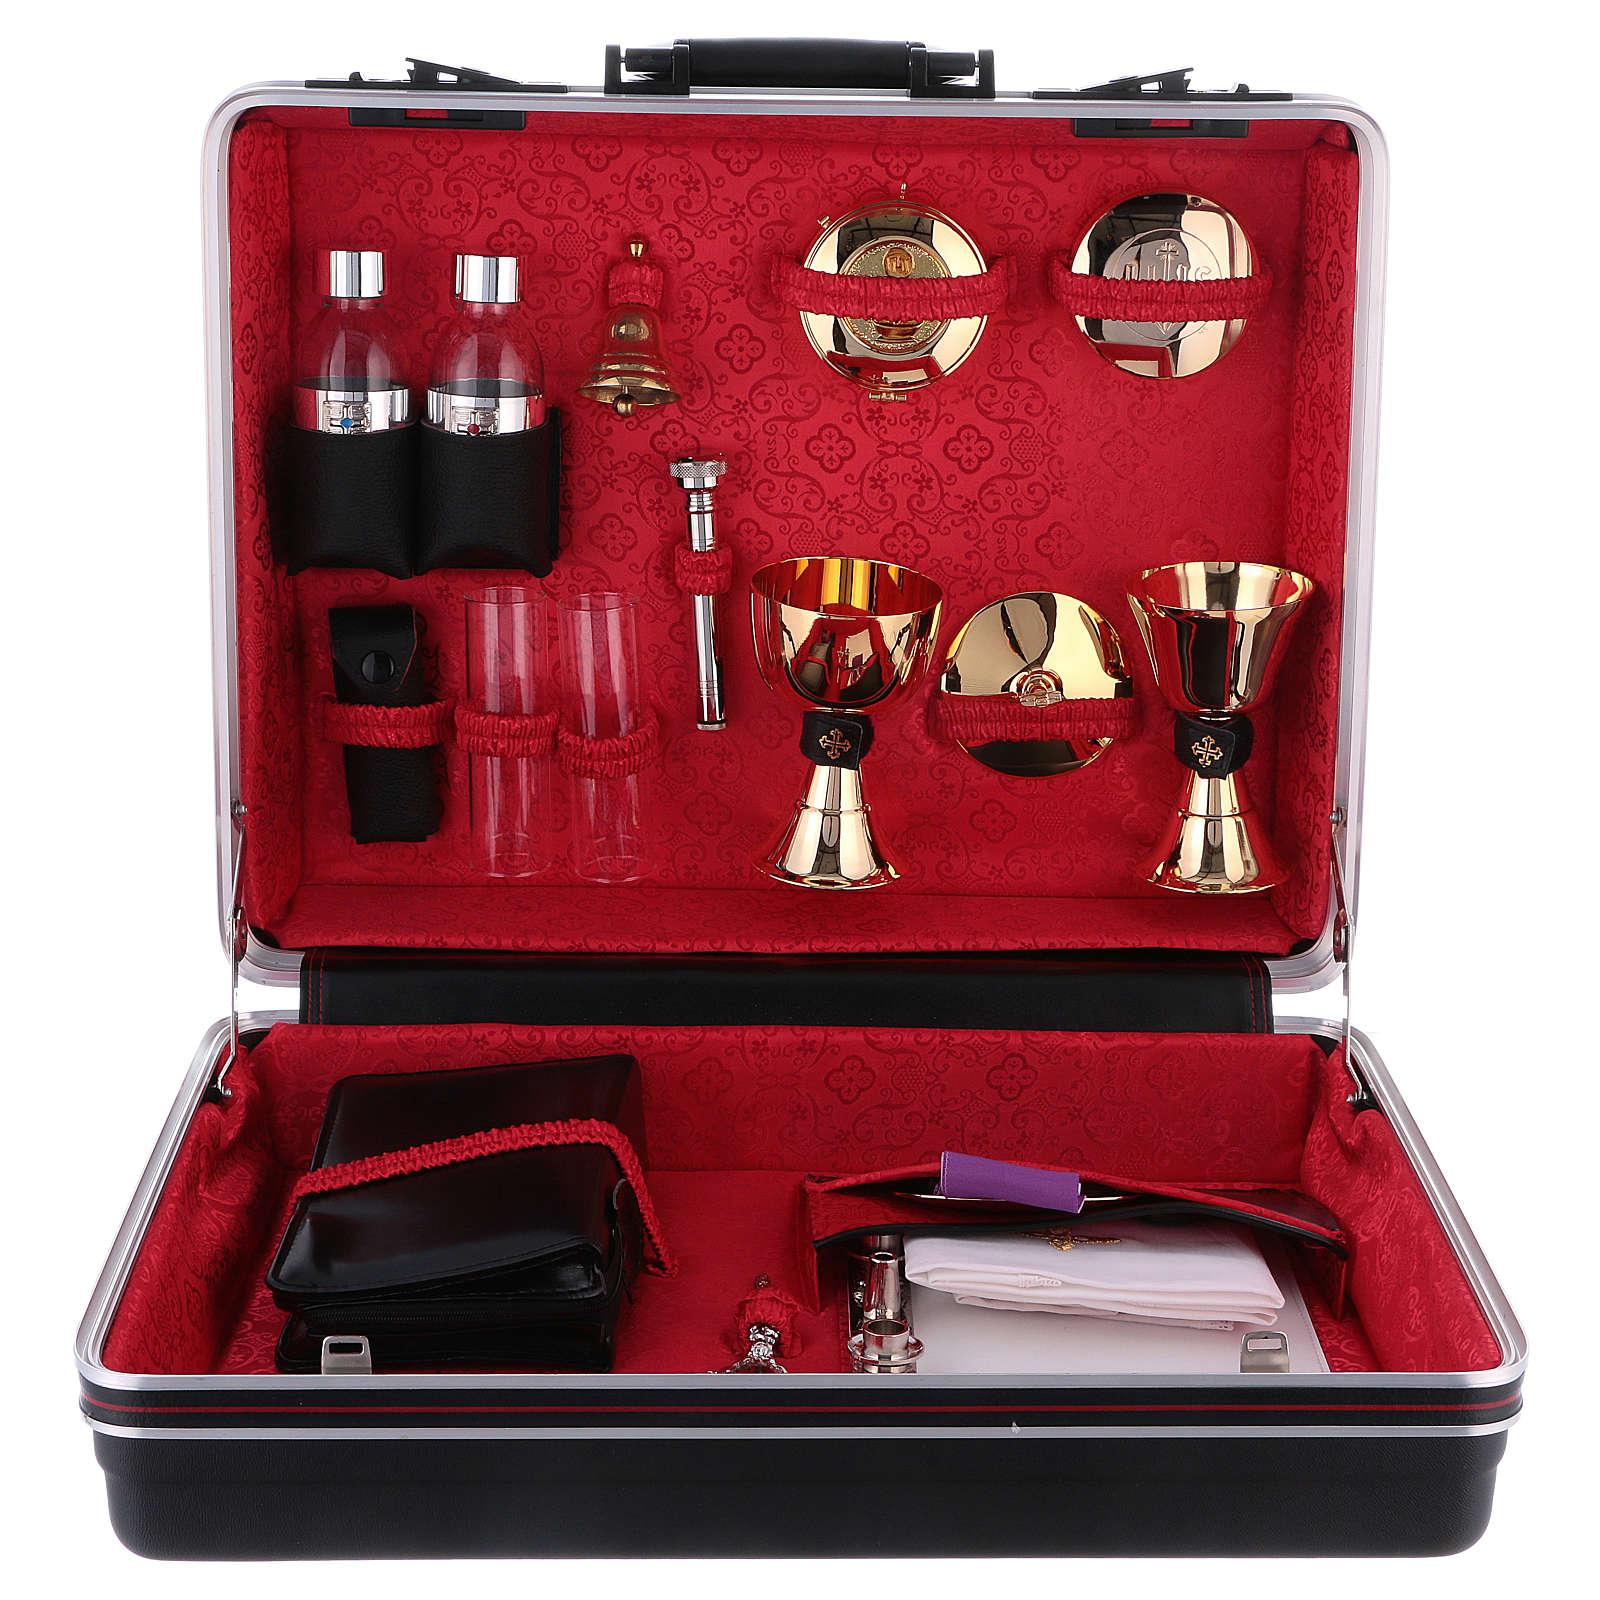 Valigia per celebrazioni plastica metallo interno raso rosso 3